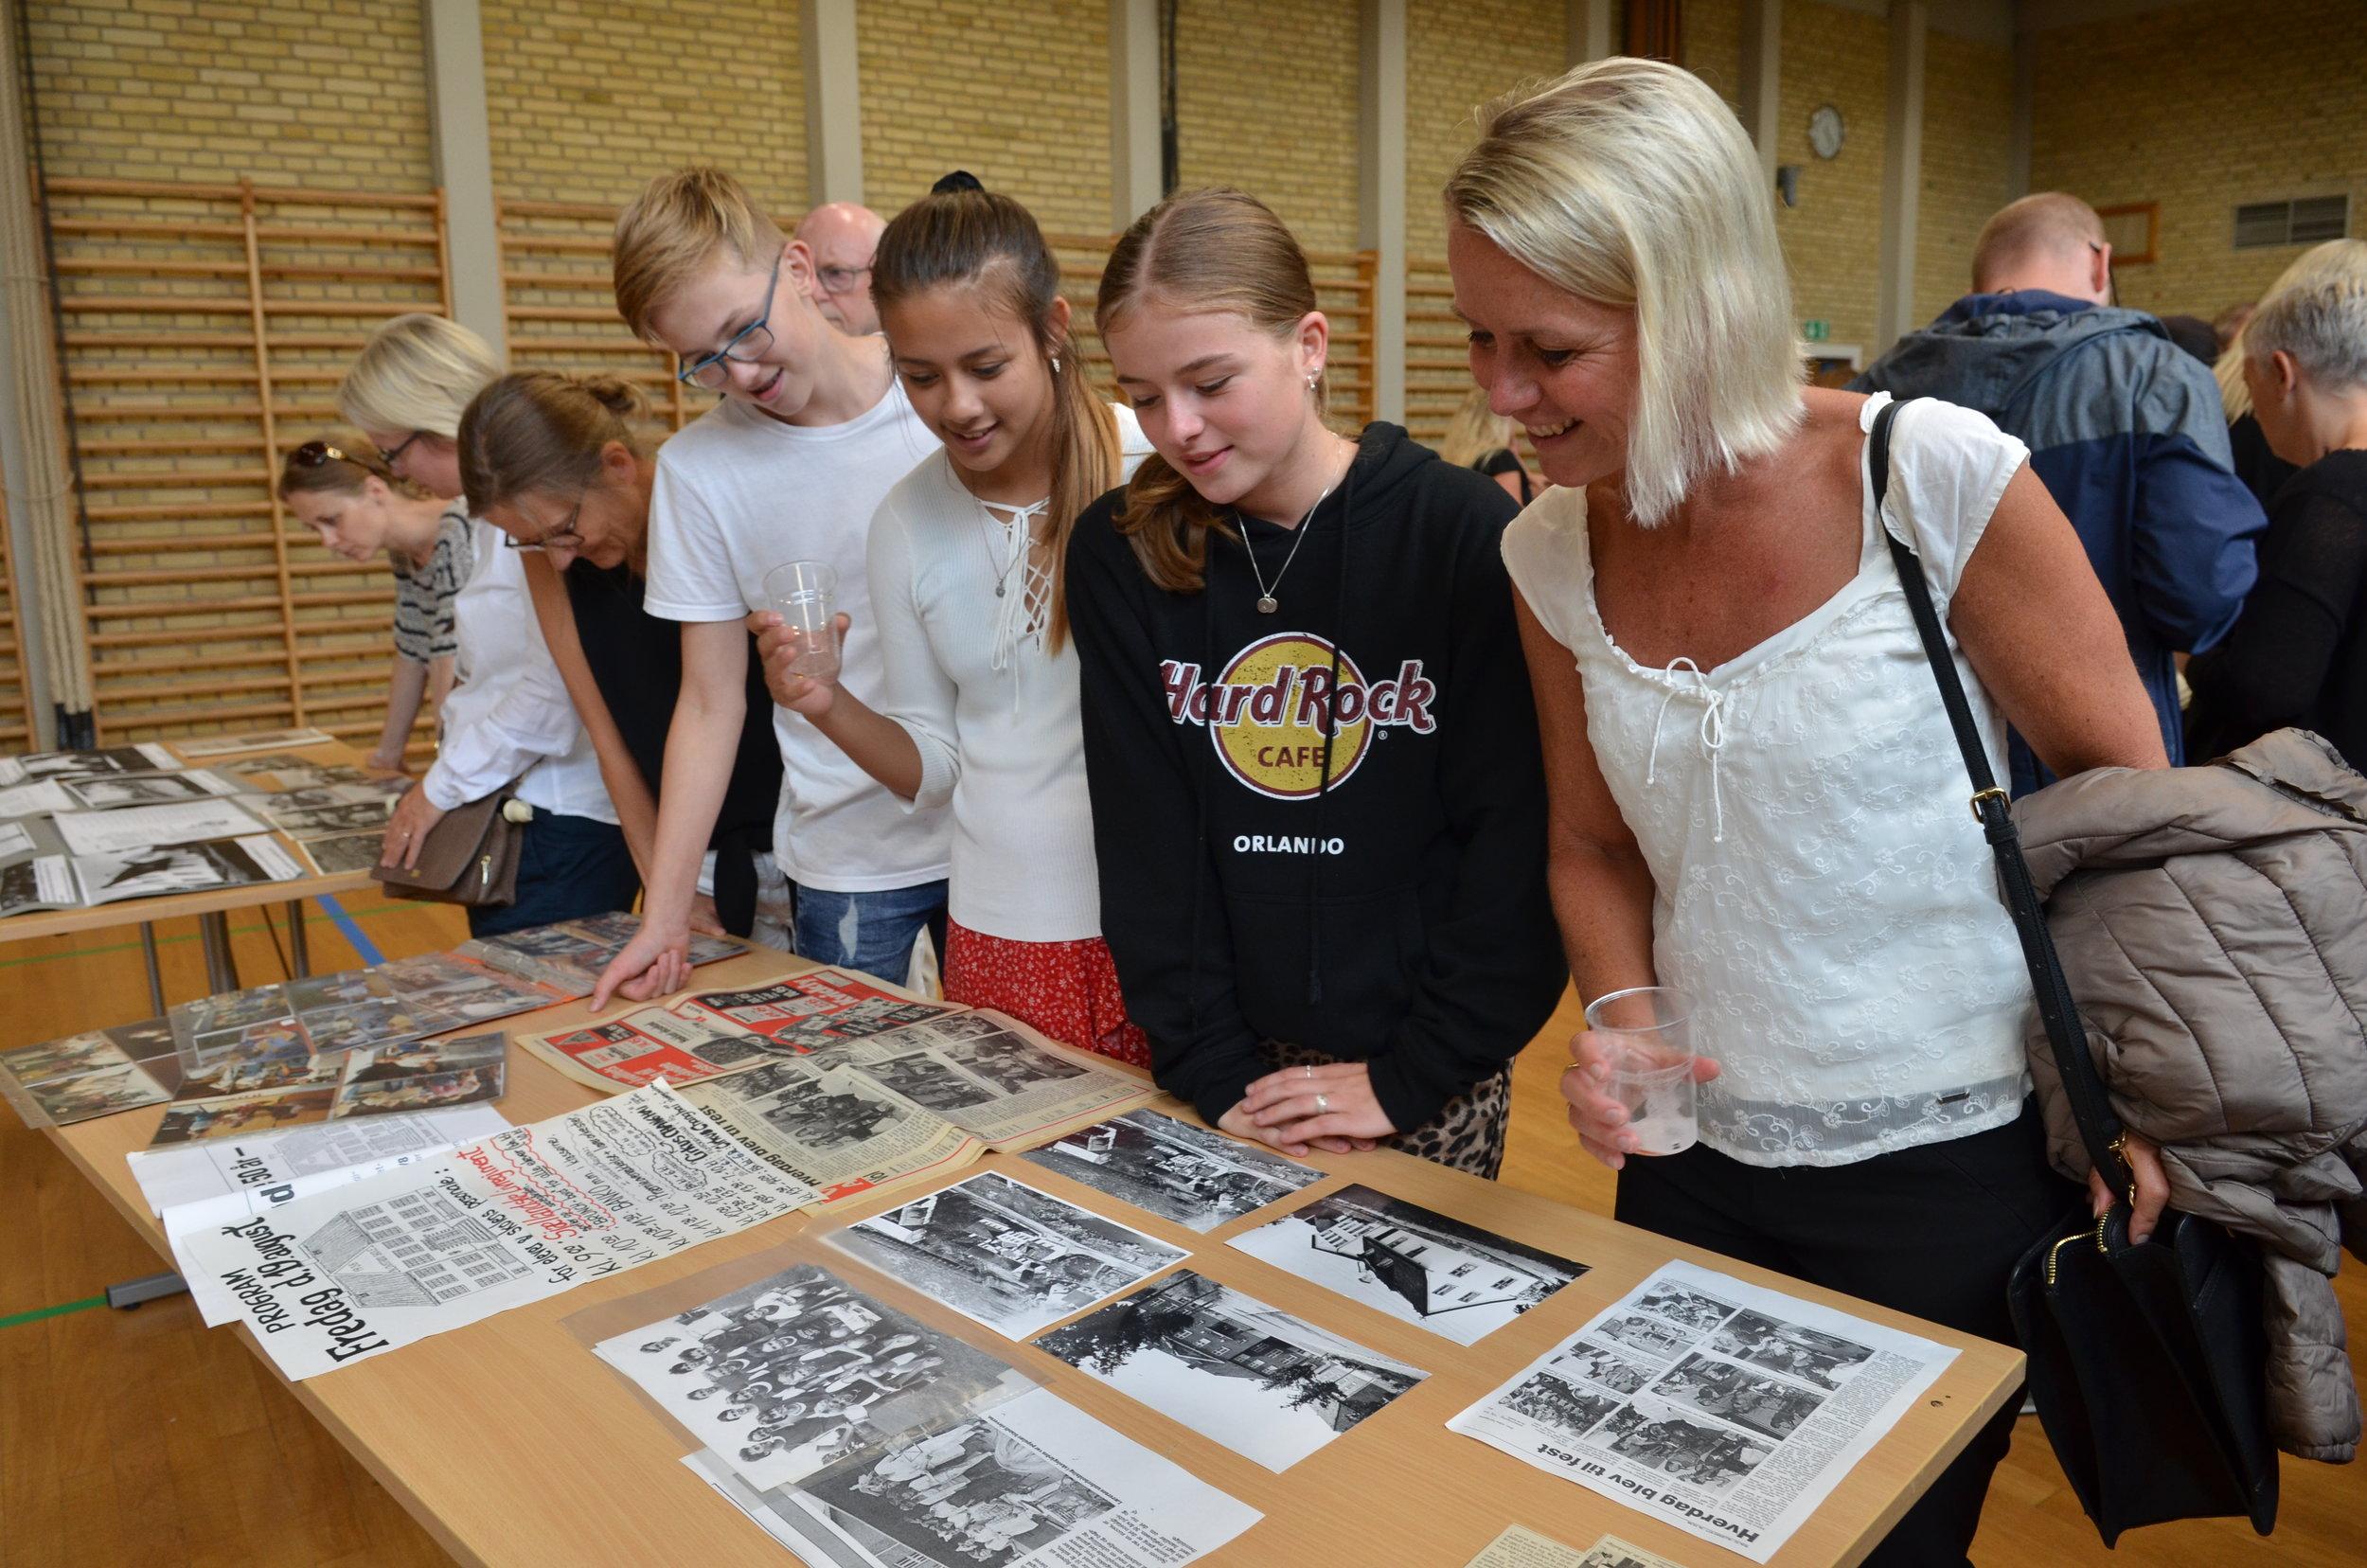 Skolen havde åbnet arkivet for bl.a.fotos fra selve skolen og omegn samt avisartikler om den i sin tid lukningstruede skole. Foto: AOB